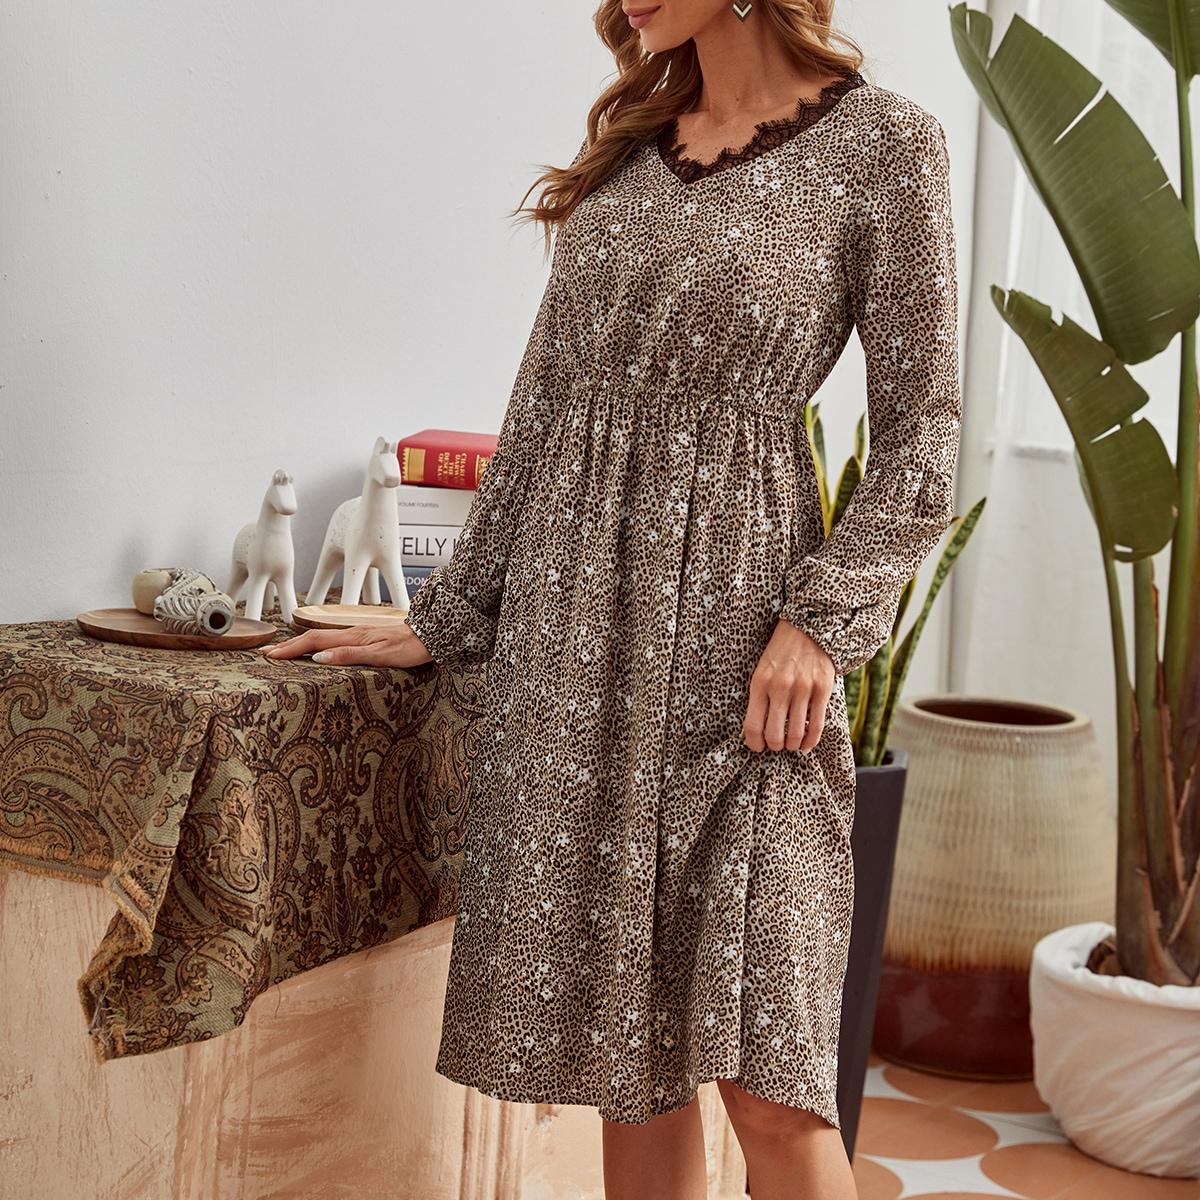 Lace Trim Leopard Print A-Line Dress